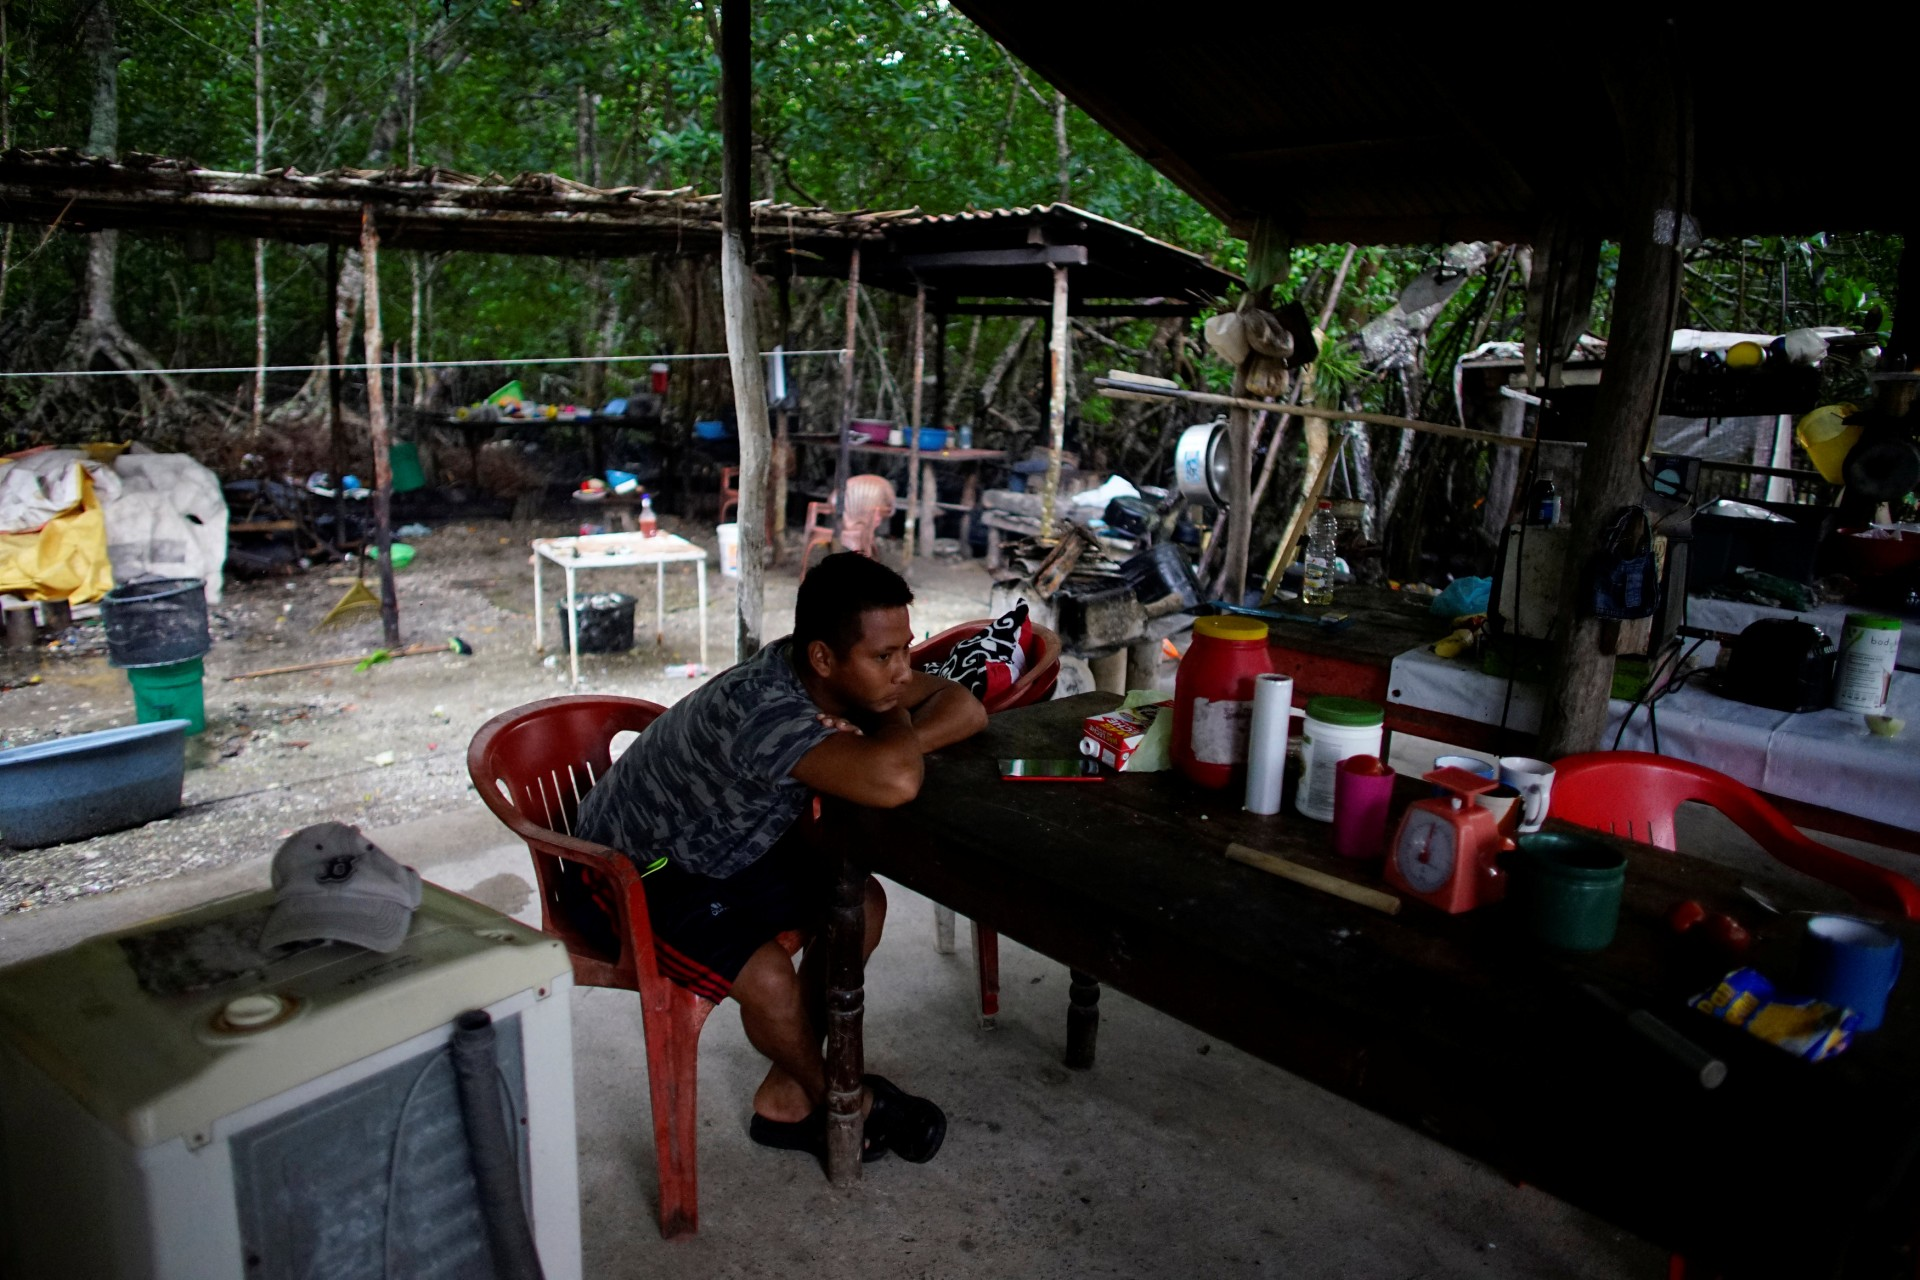 El pescador Rafael de la Cruz descansa en su casa en el pueblo de Chiltepec, en Paraiso, México, el 9 de diciembre de 2018.